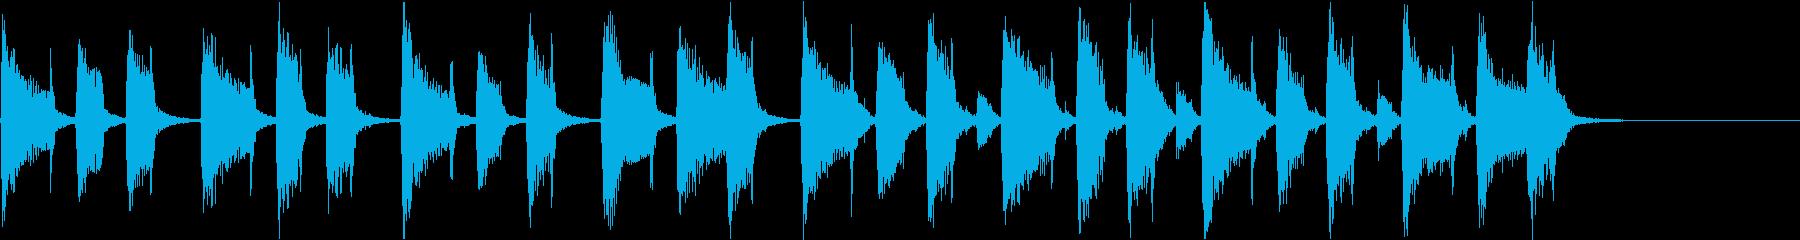 穏やかおしゃれかわいい軽快なボサノバdの再生済みの波形